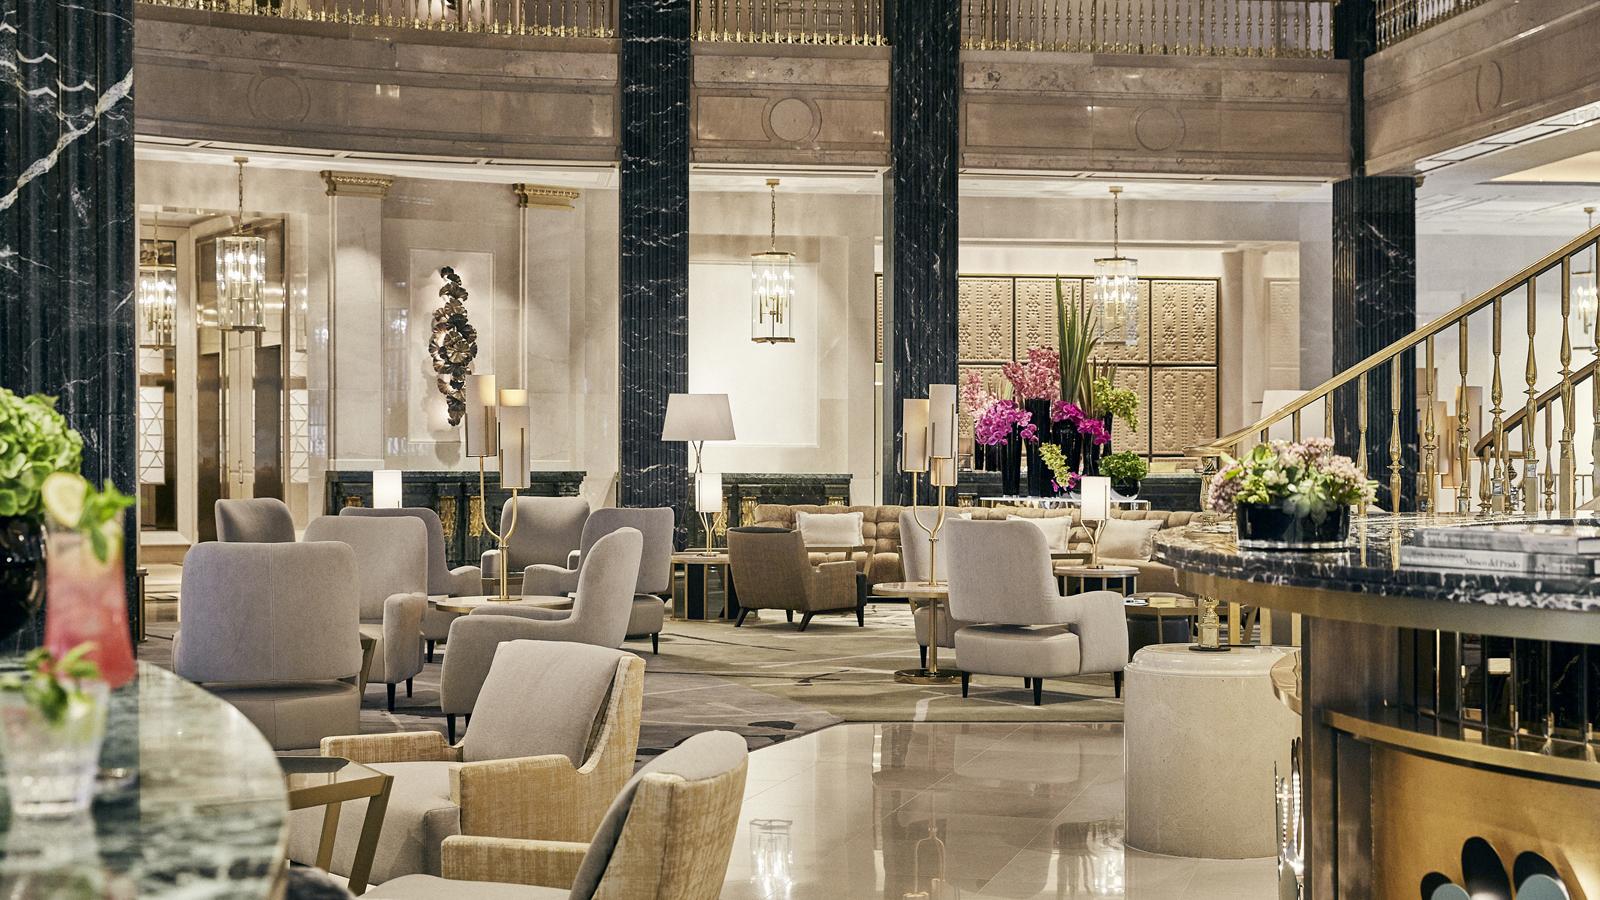 El Patio del Four Seasons Hotel Madrid, de ser el centro de una gran institución financiera a corazón del nuevo gran hotel de la ciudad